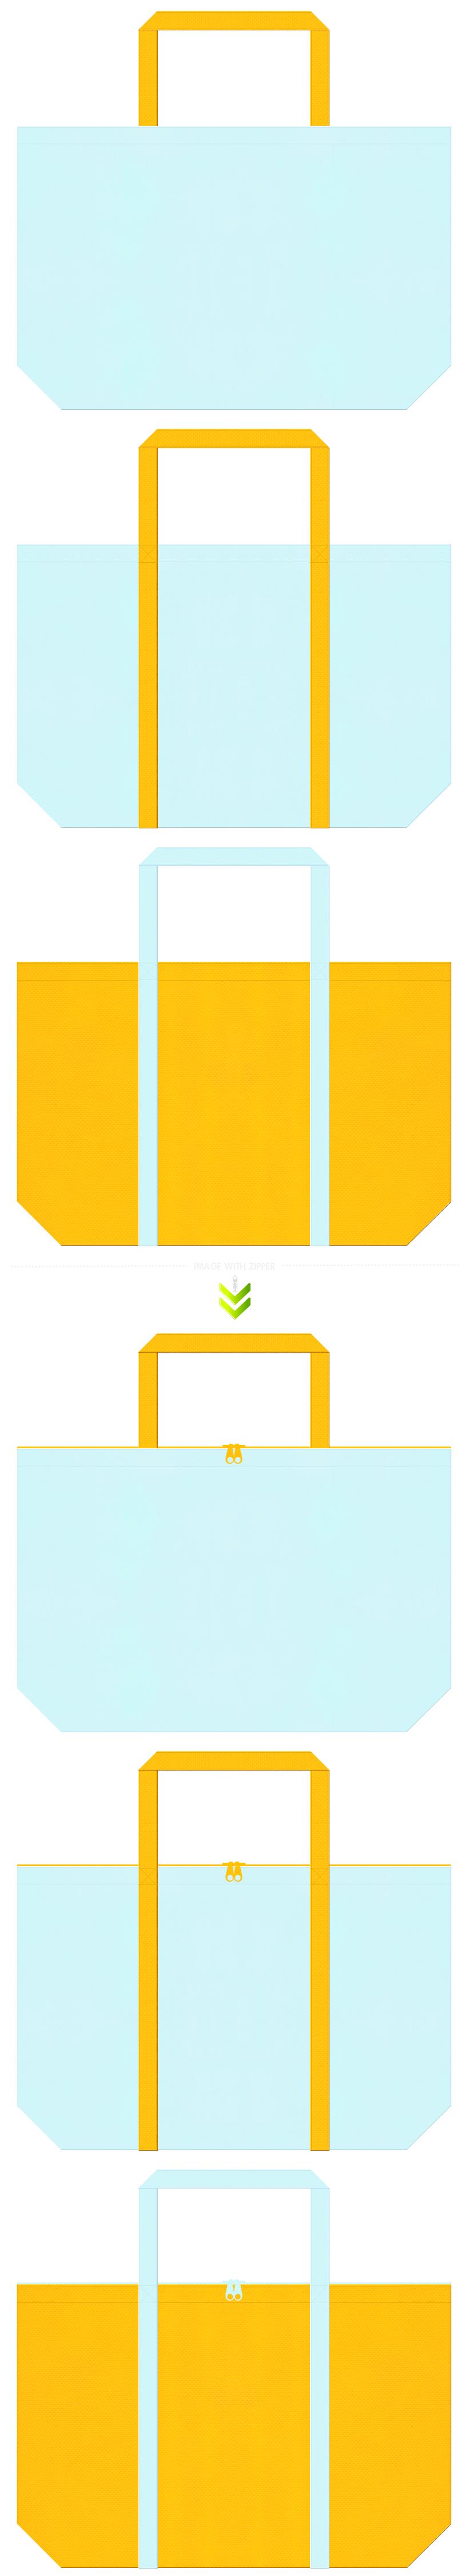 電気・通園バッグ・レッスンバッグ・ビタミン・サプリメント・アヒル・お風呂のおもちゃ・バス用品のショッピングバッグにお奨めの不織布バッグデザイン:水色と黄色のコーデ